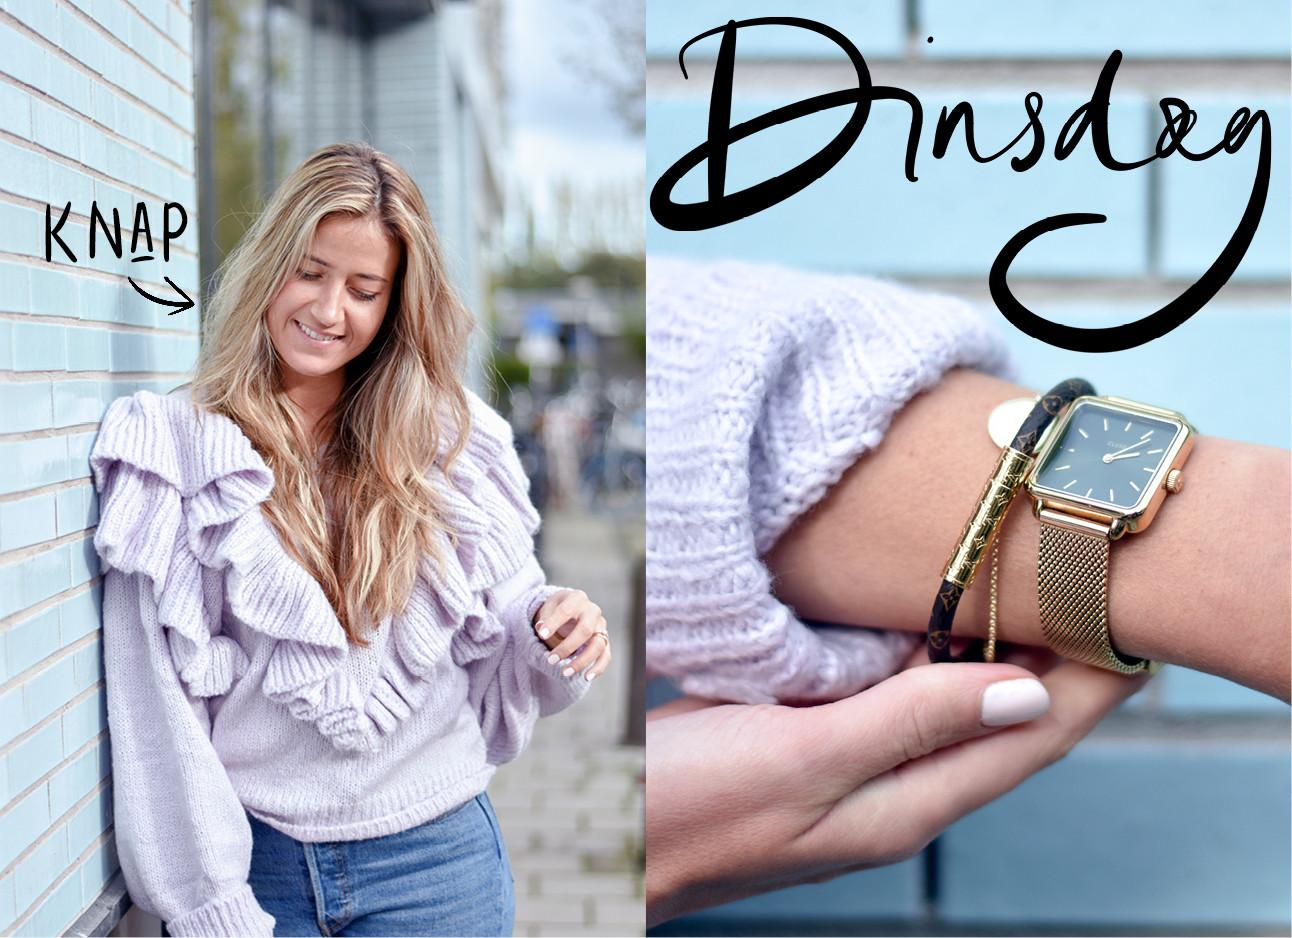 tessa die een roze draagt en haar horloge en armband showt